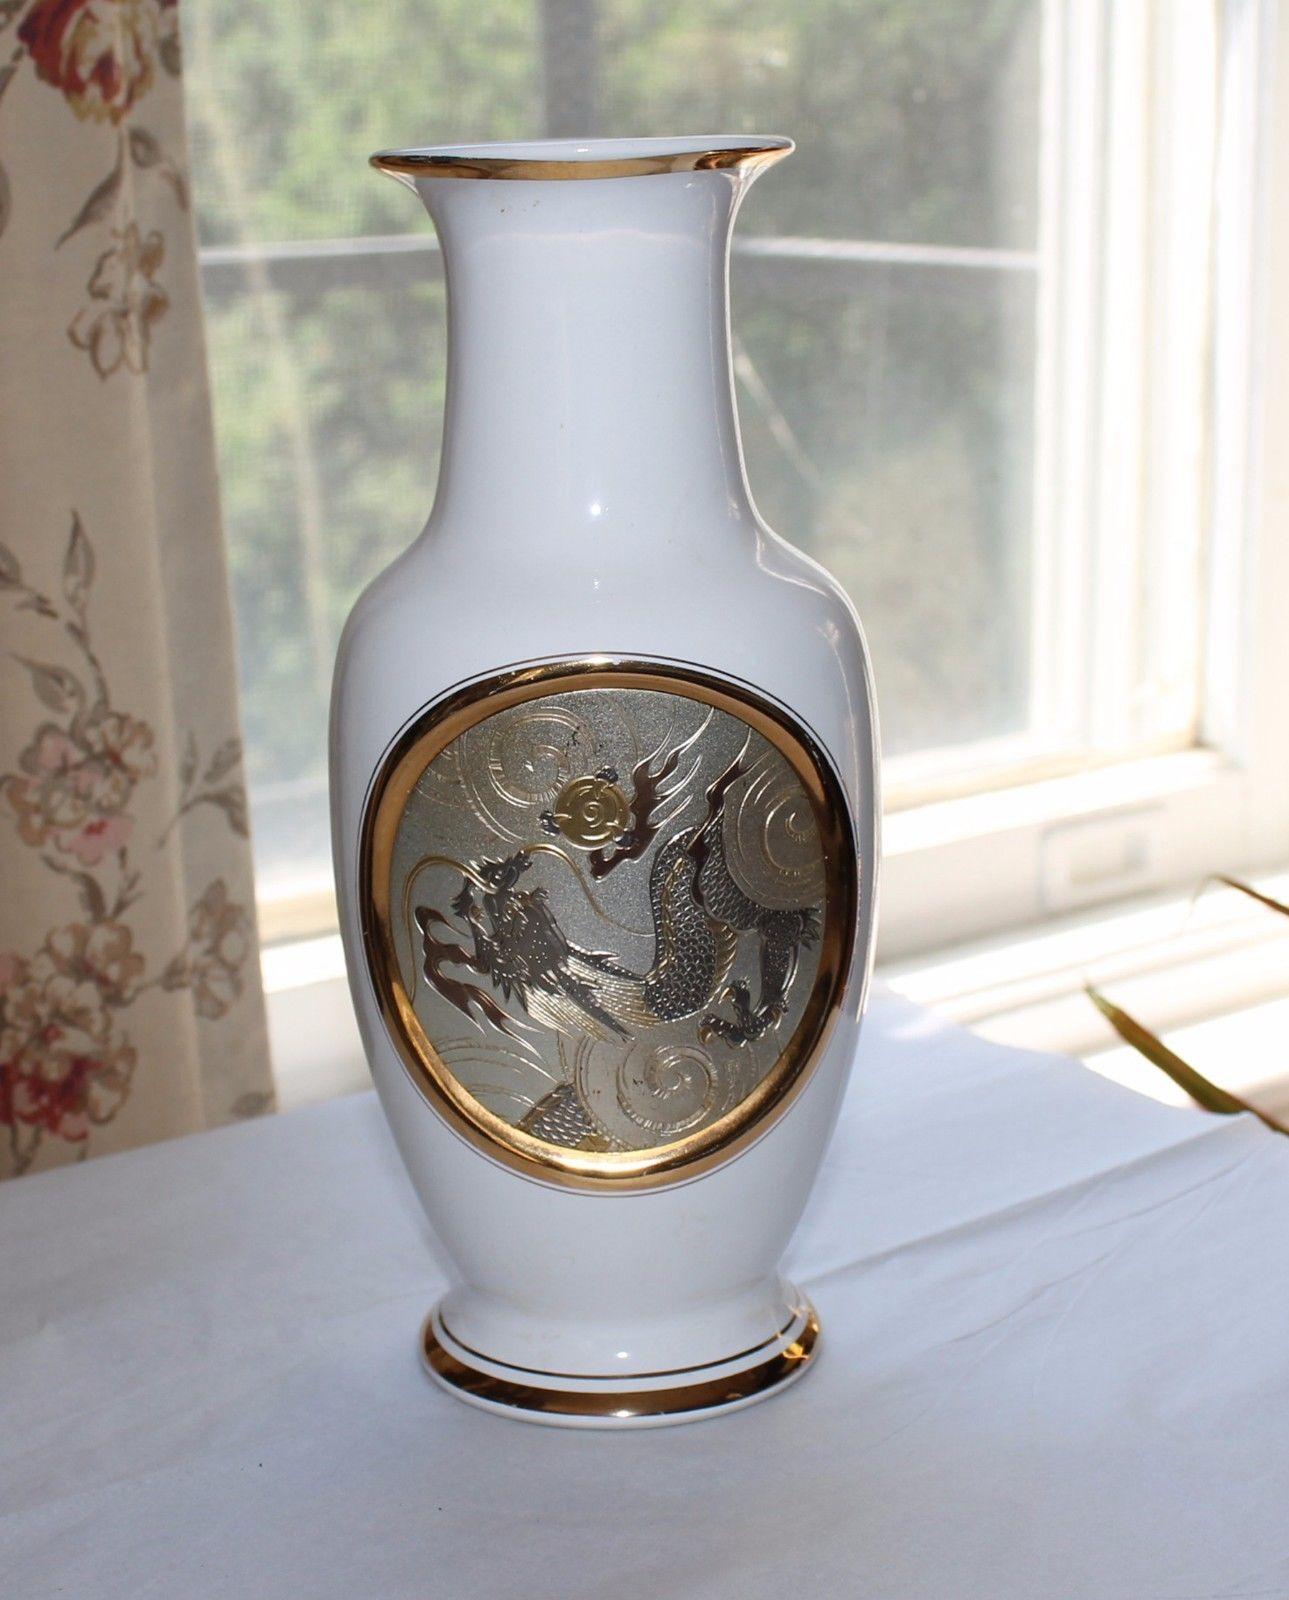 Art of Chokin Japanese Vase 24K Gold DRAGON Motif